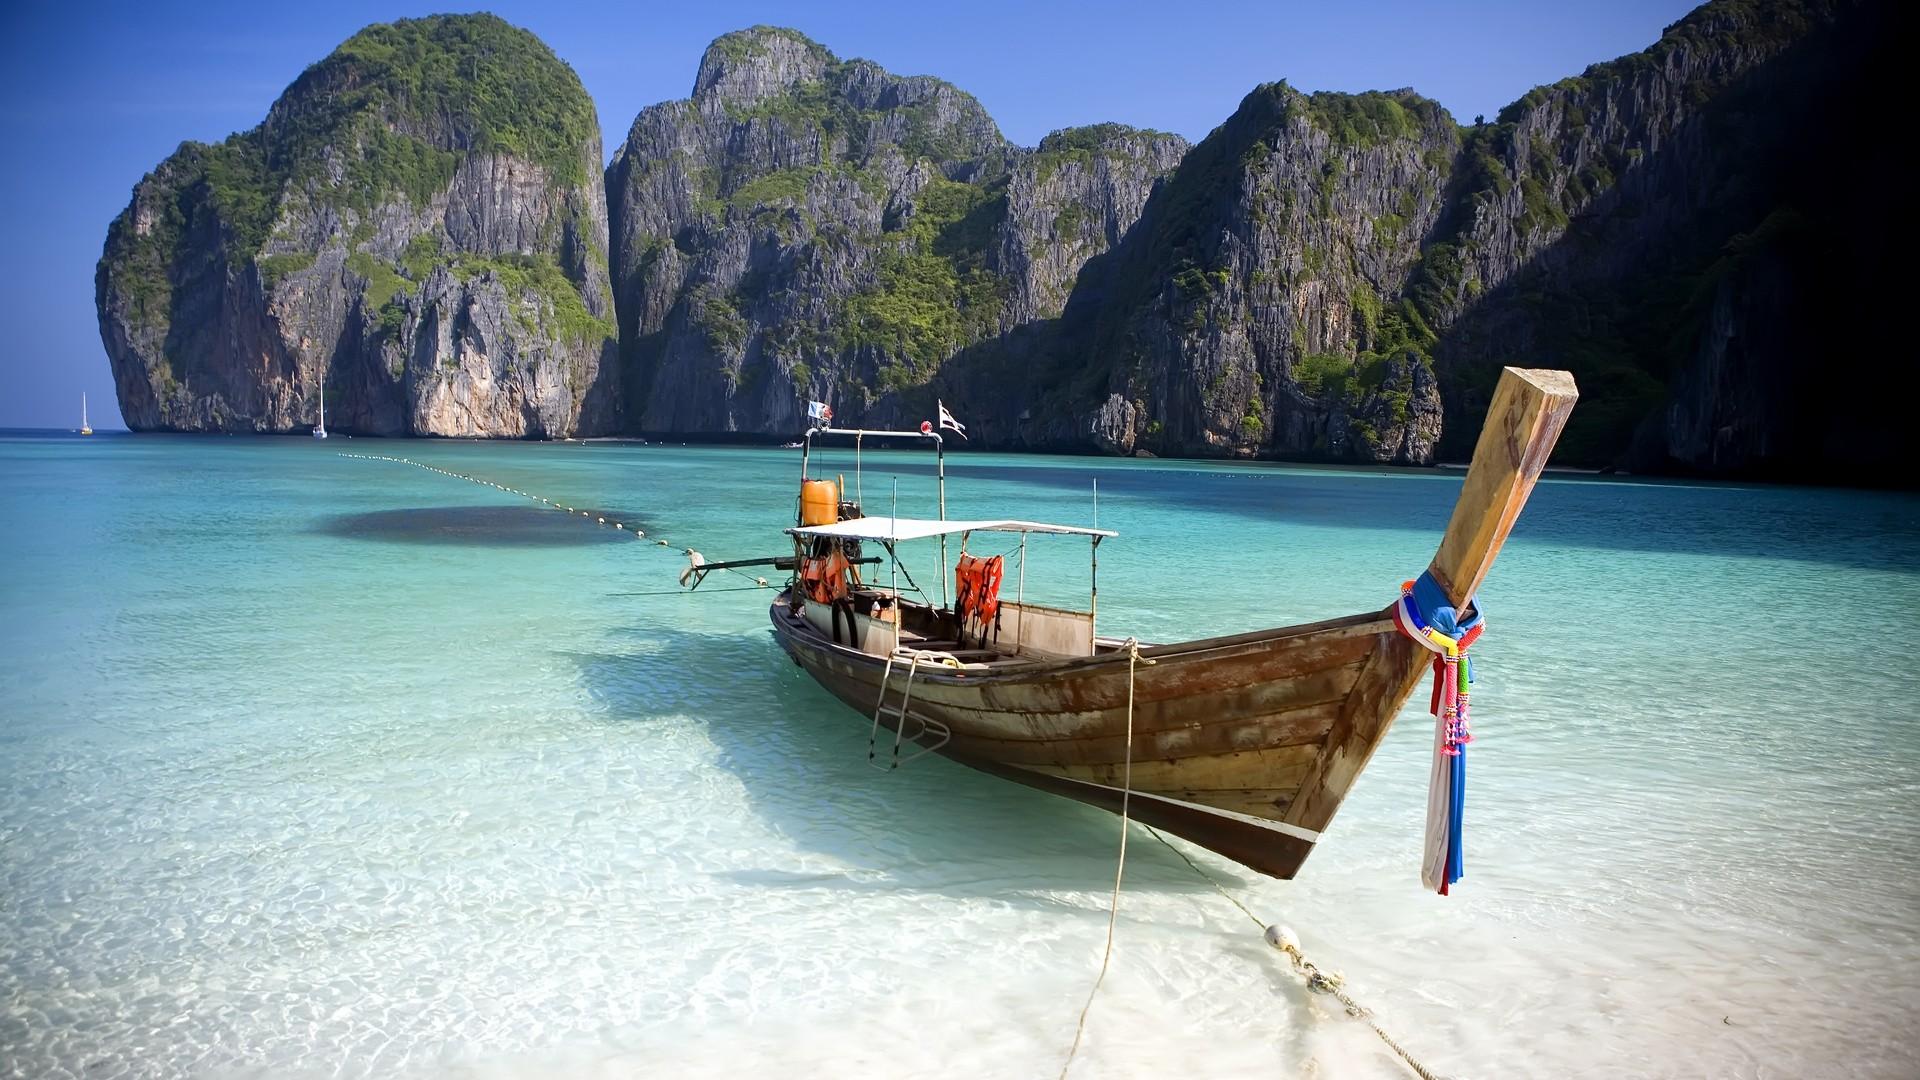 Partez sans attendre avec thailandevo.com